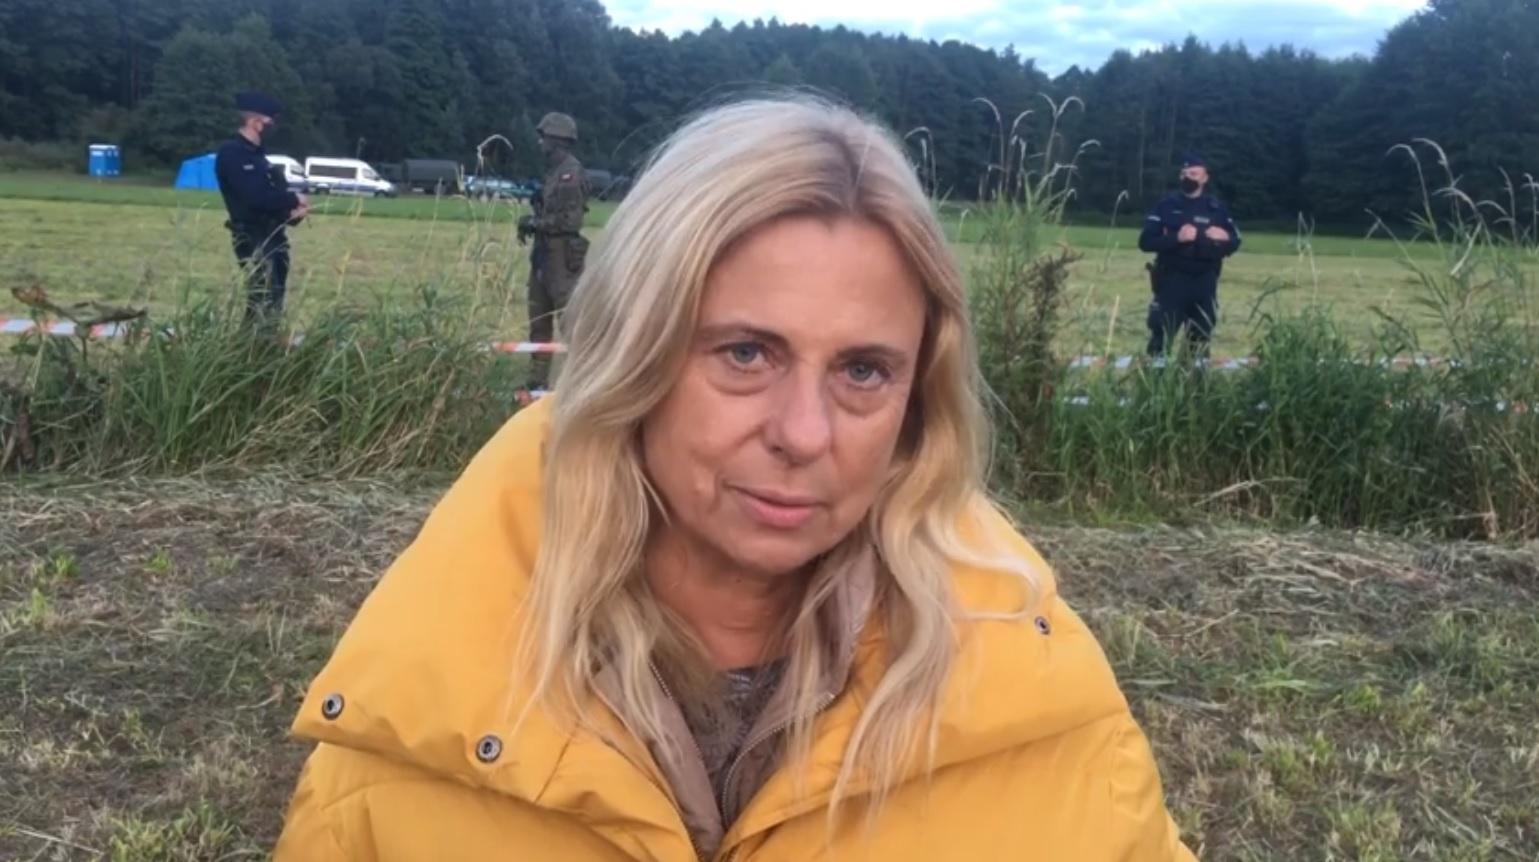 Katarzyna kretkowska usnarz górny  - FB: Katarzyna Kretkowska